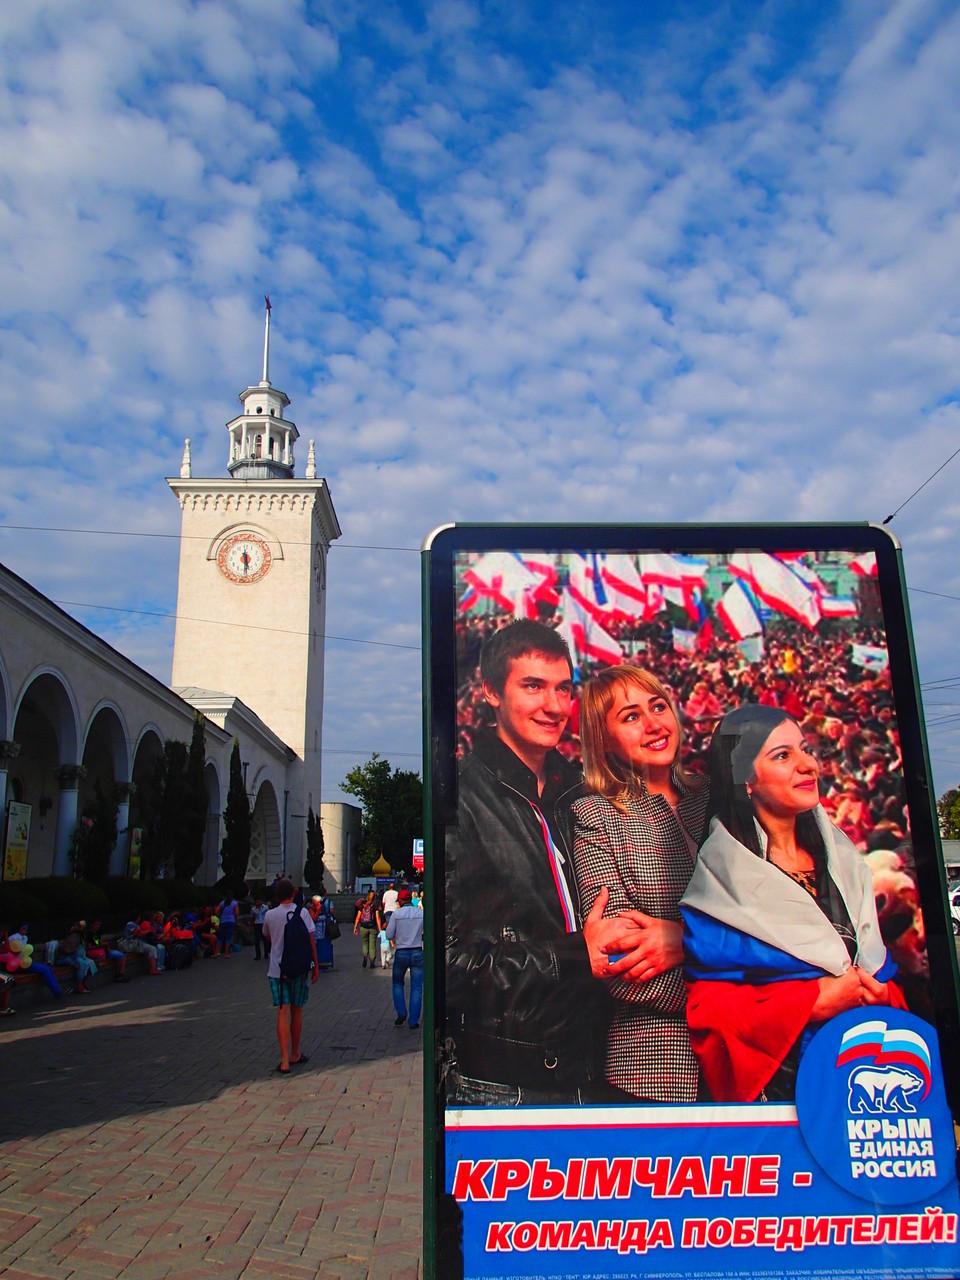 Am Hauptbahnhof von Simferopol: Ein Werbeplakat zur Wiedervereinigung mit der Russischen Föderation